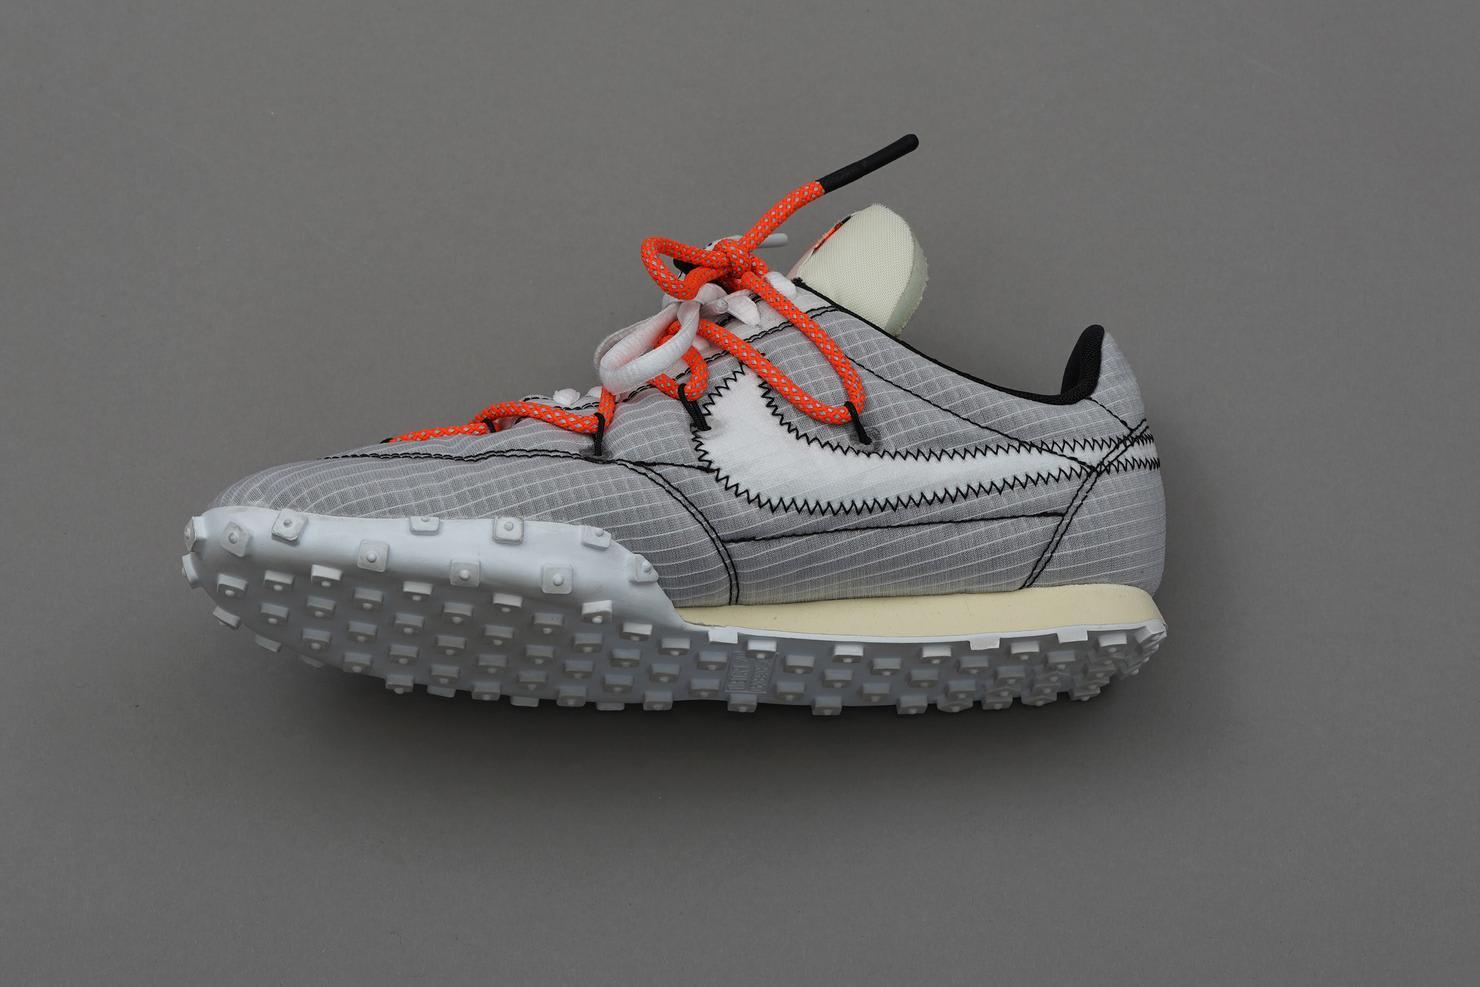 Off-White x Nike Waffle Racer Prototype